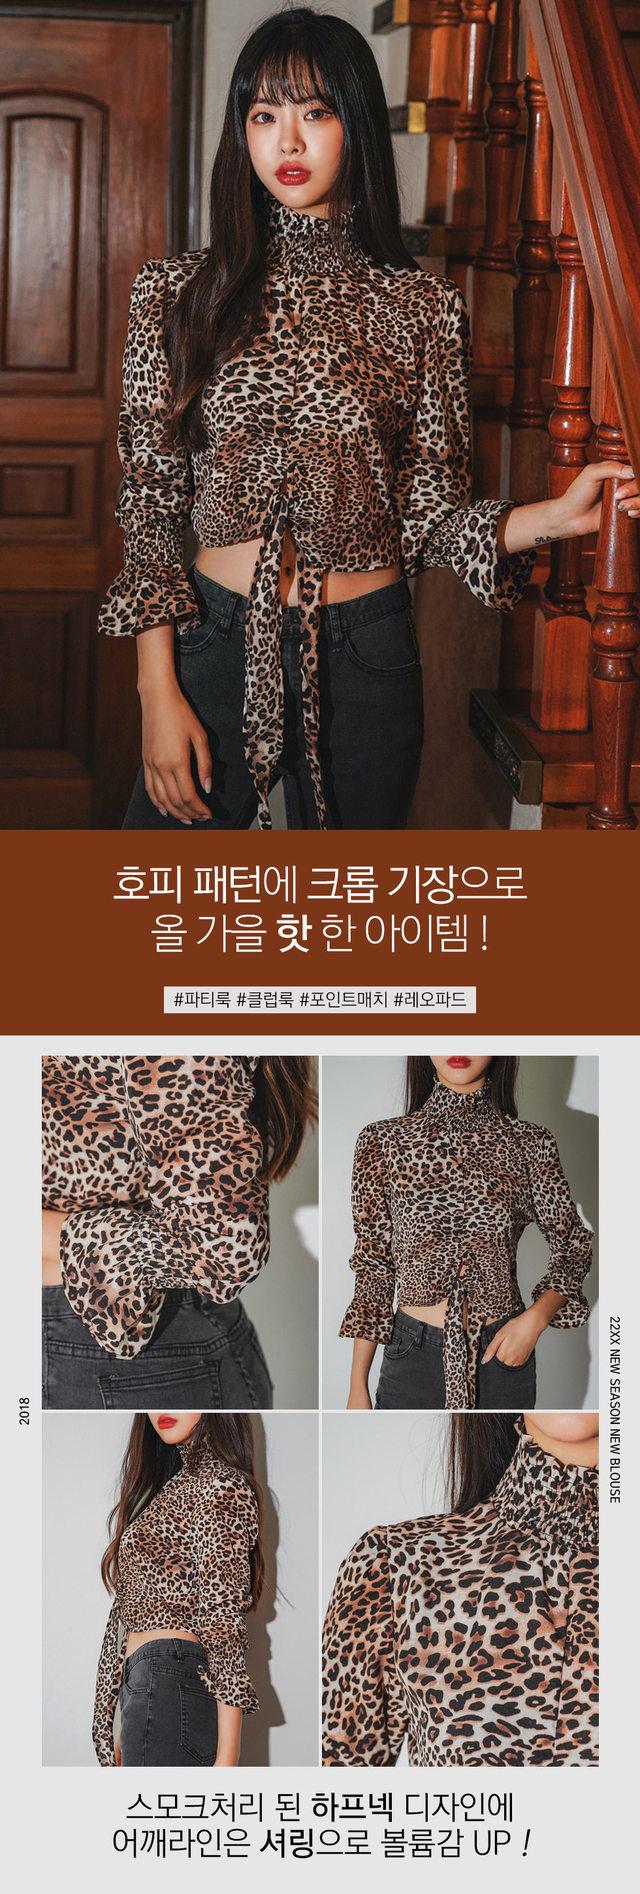 Party blouse